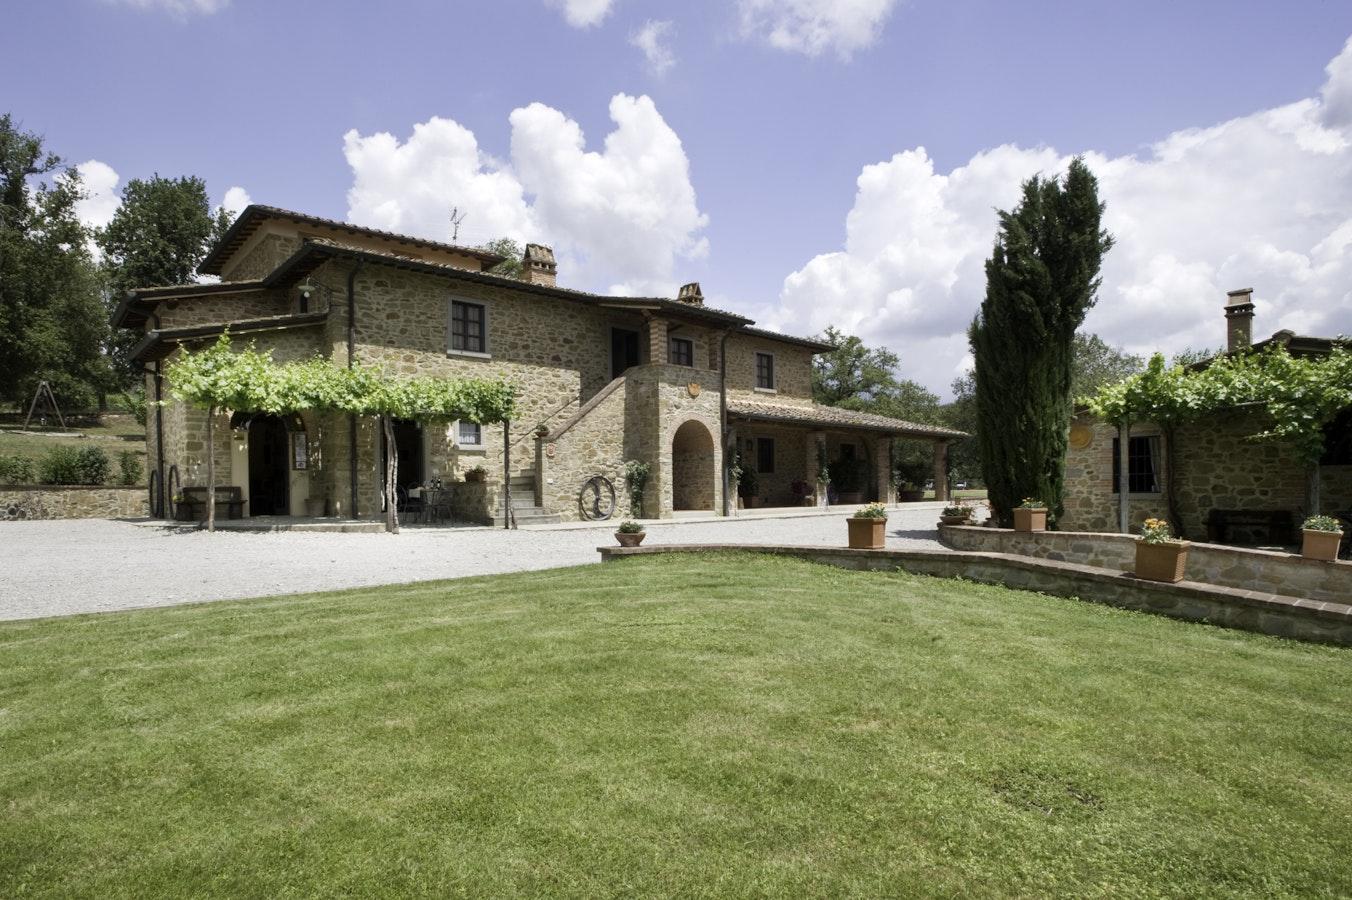 Agriturismo incrociata bucine agriturismo con appartamenti - Agriturismo con piscina siena ...